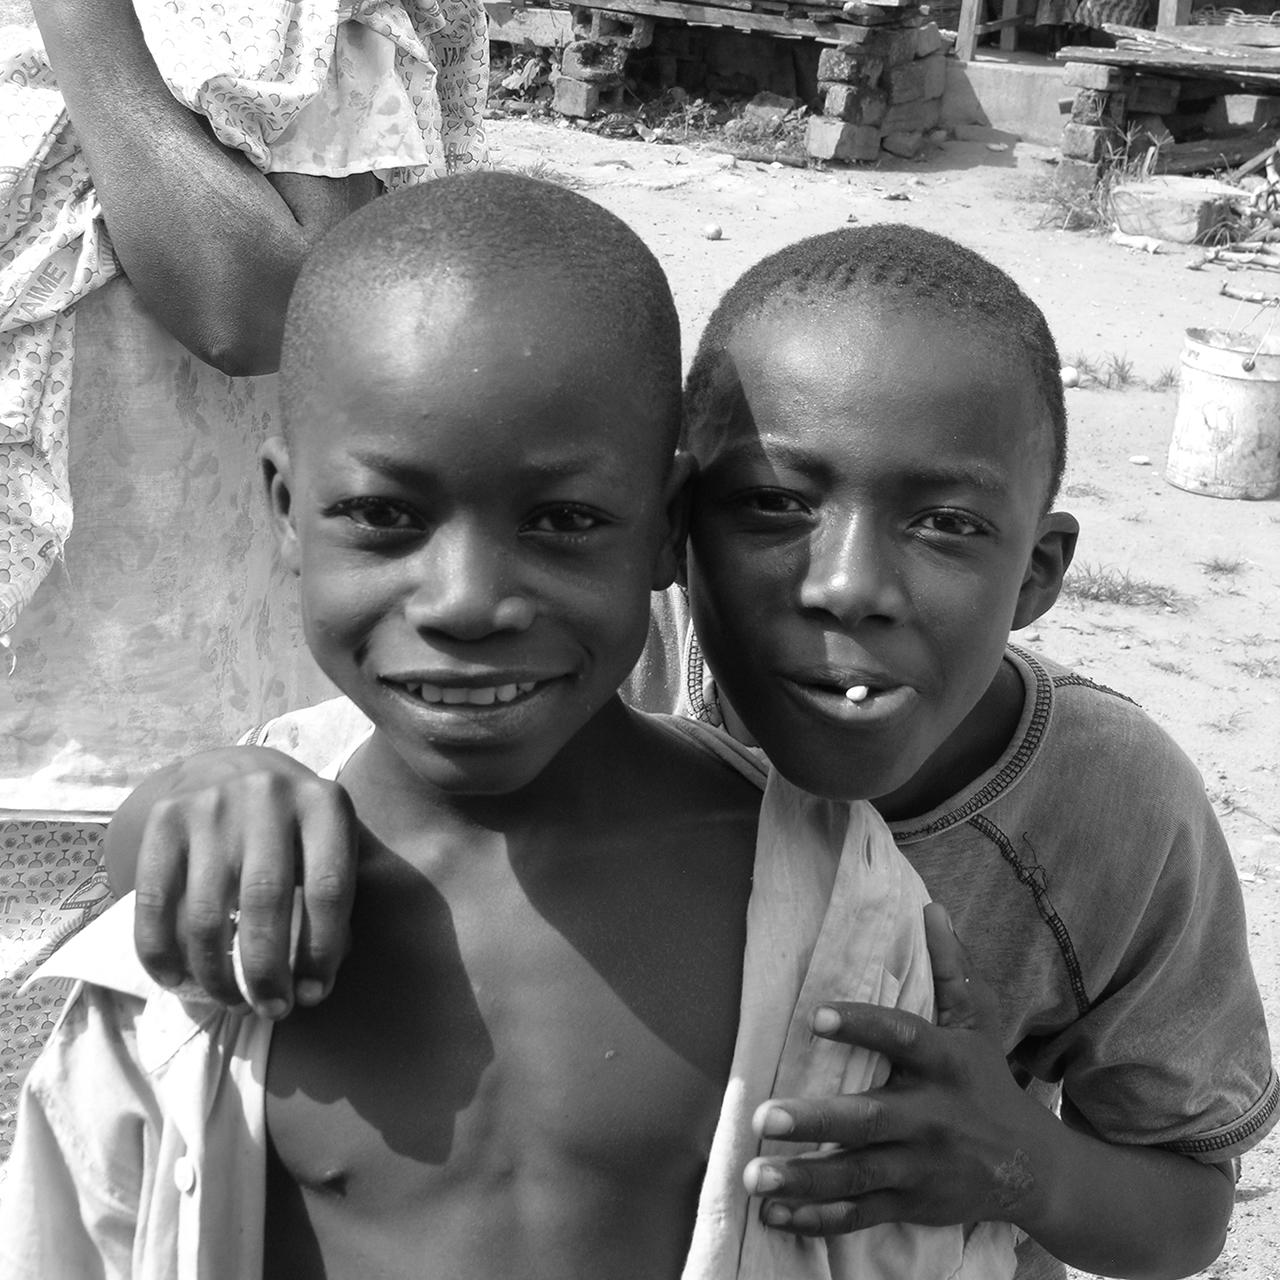 Les deux diablotins. 2007, ABENGOUROU, Côte d'Ivoire